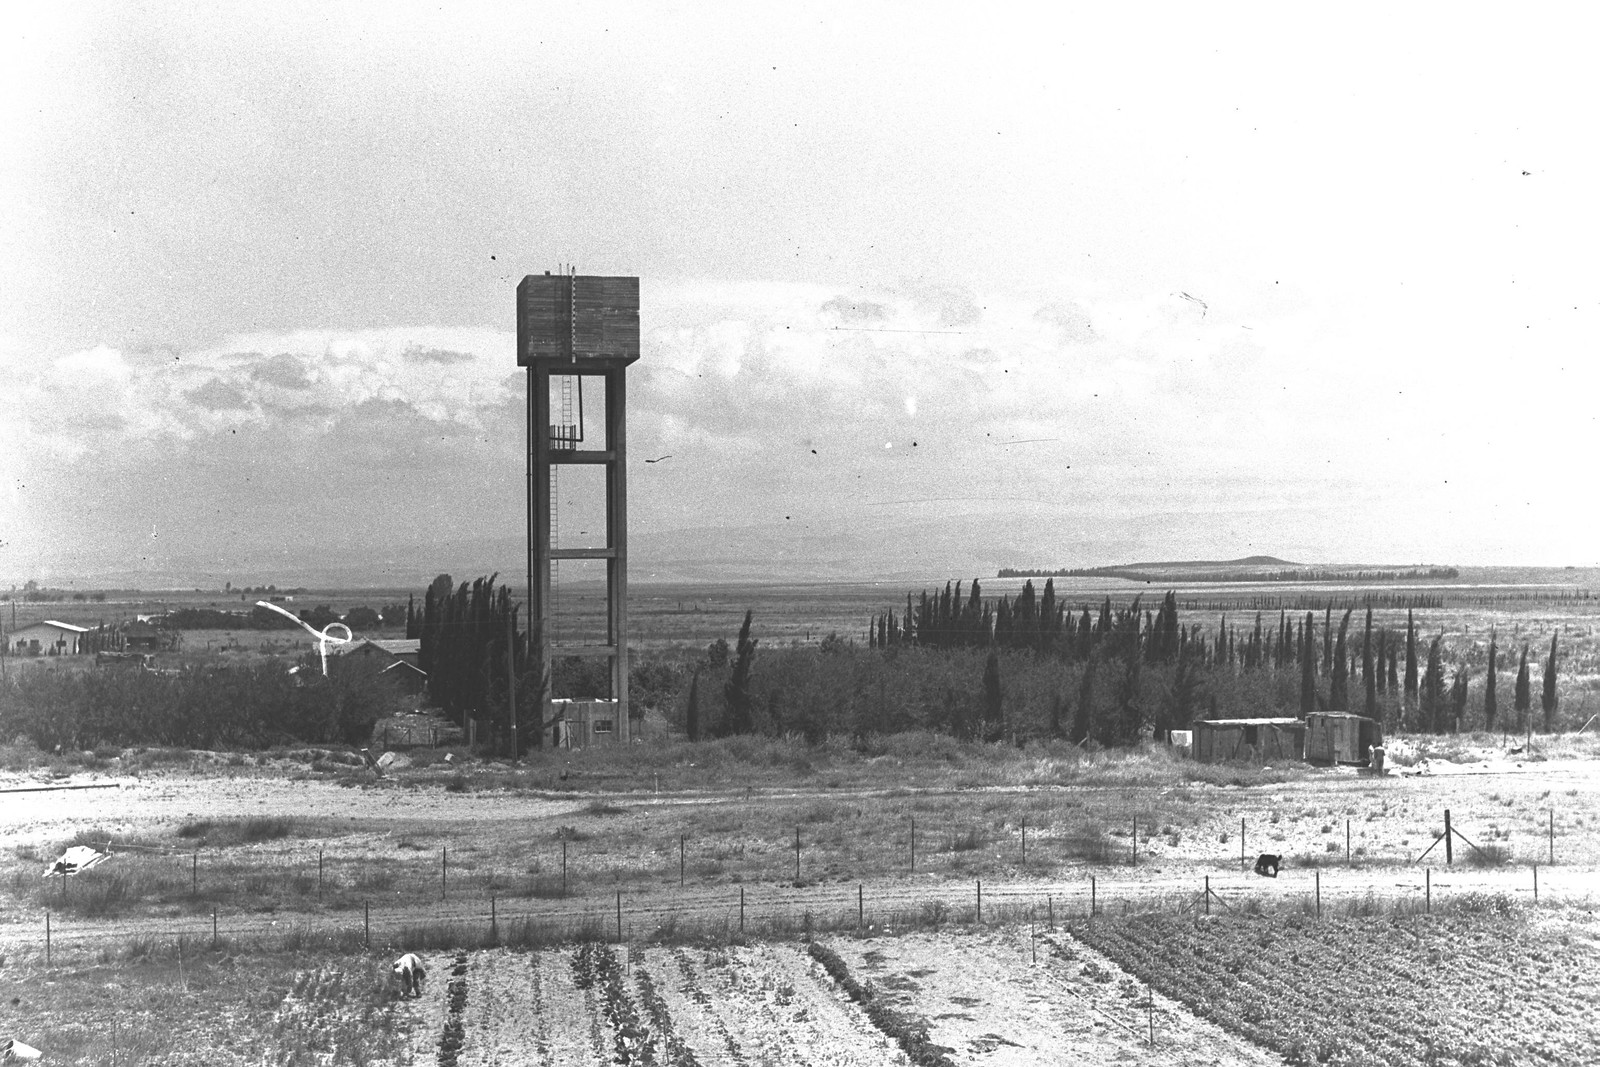 1938. Окрестности Хайфы. Поселение в районе Хайфского залива